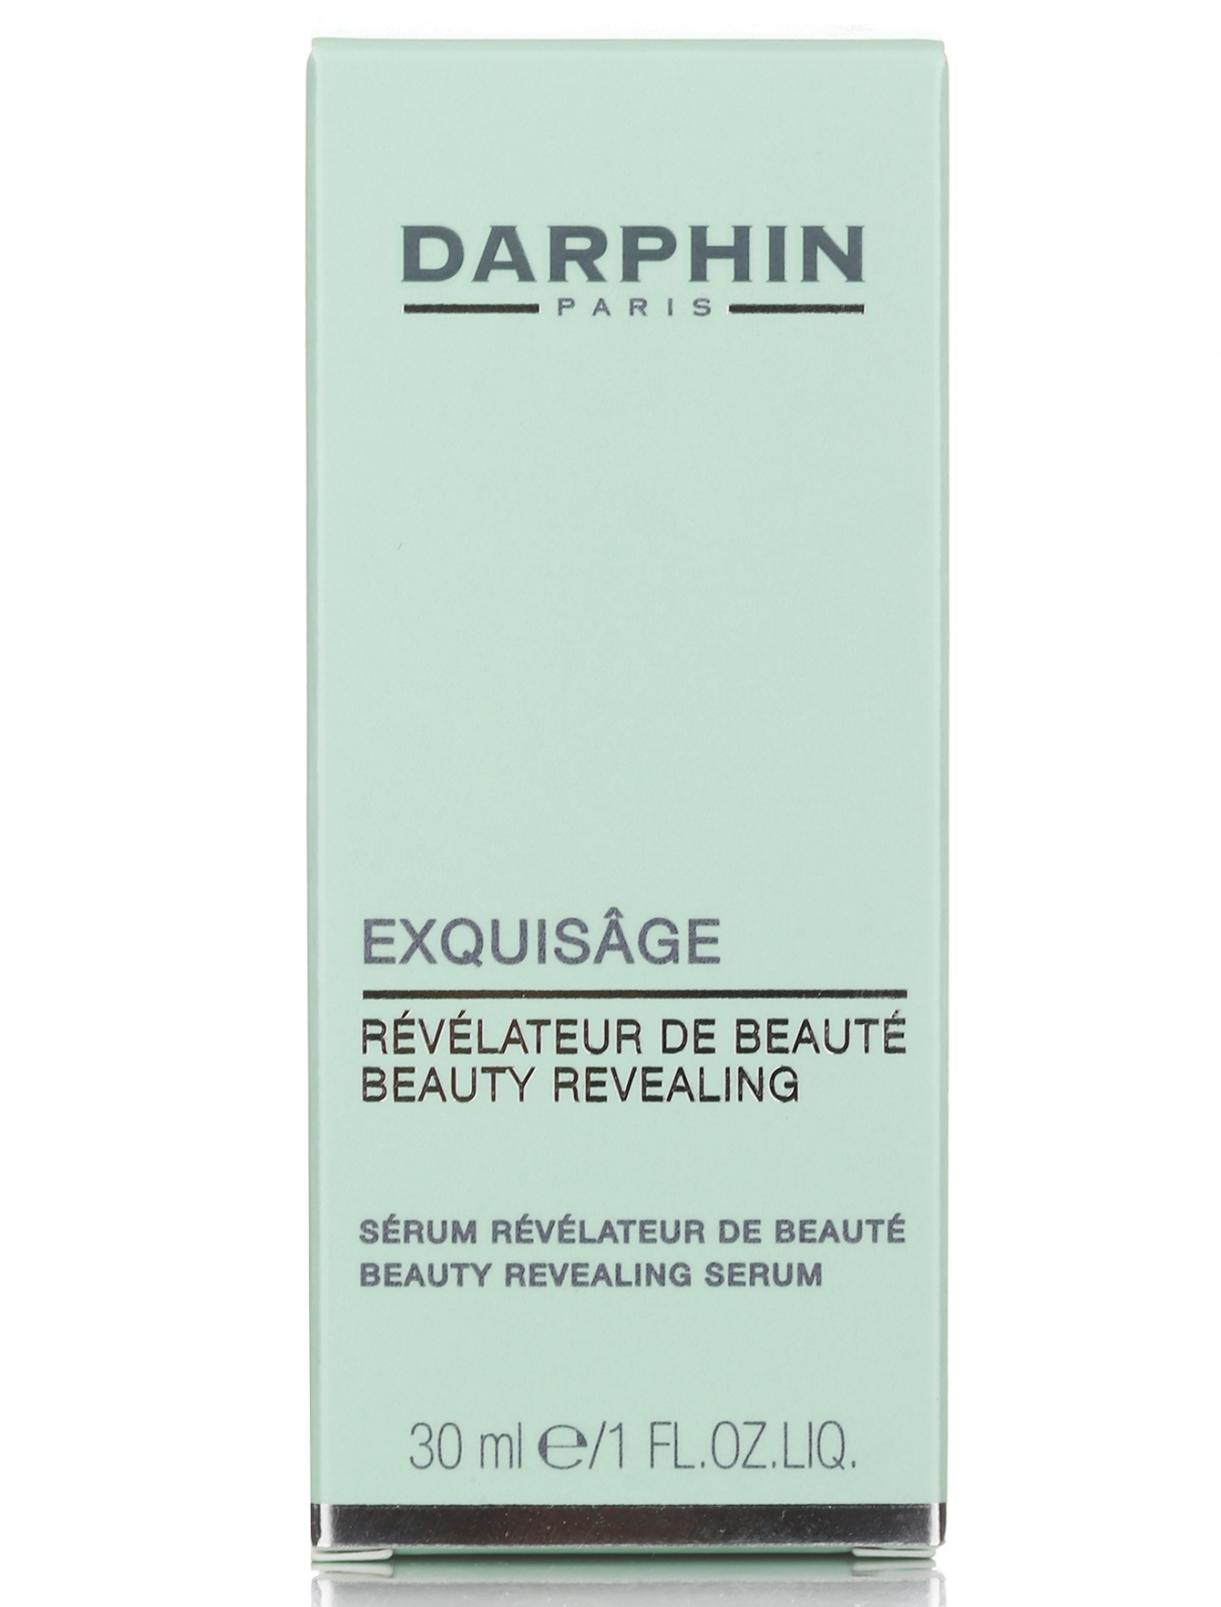 Сыворотка для лица усиливающая сияние - Exquisage, 30ml Darphin  –  Модель Общий вид